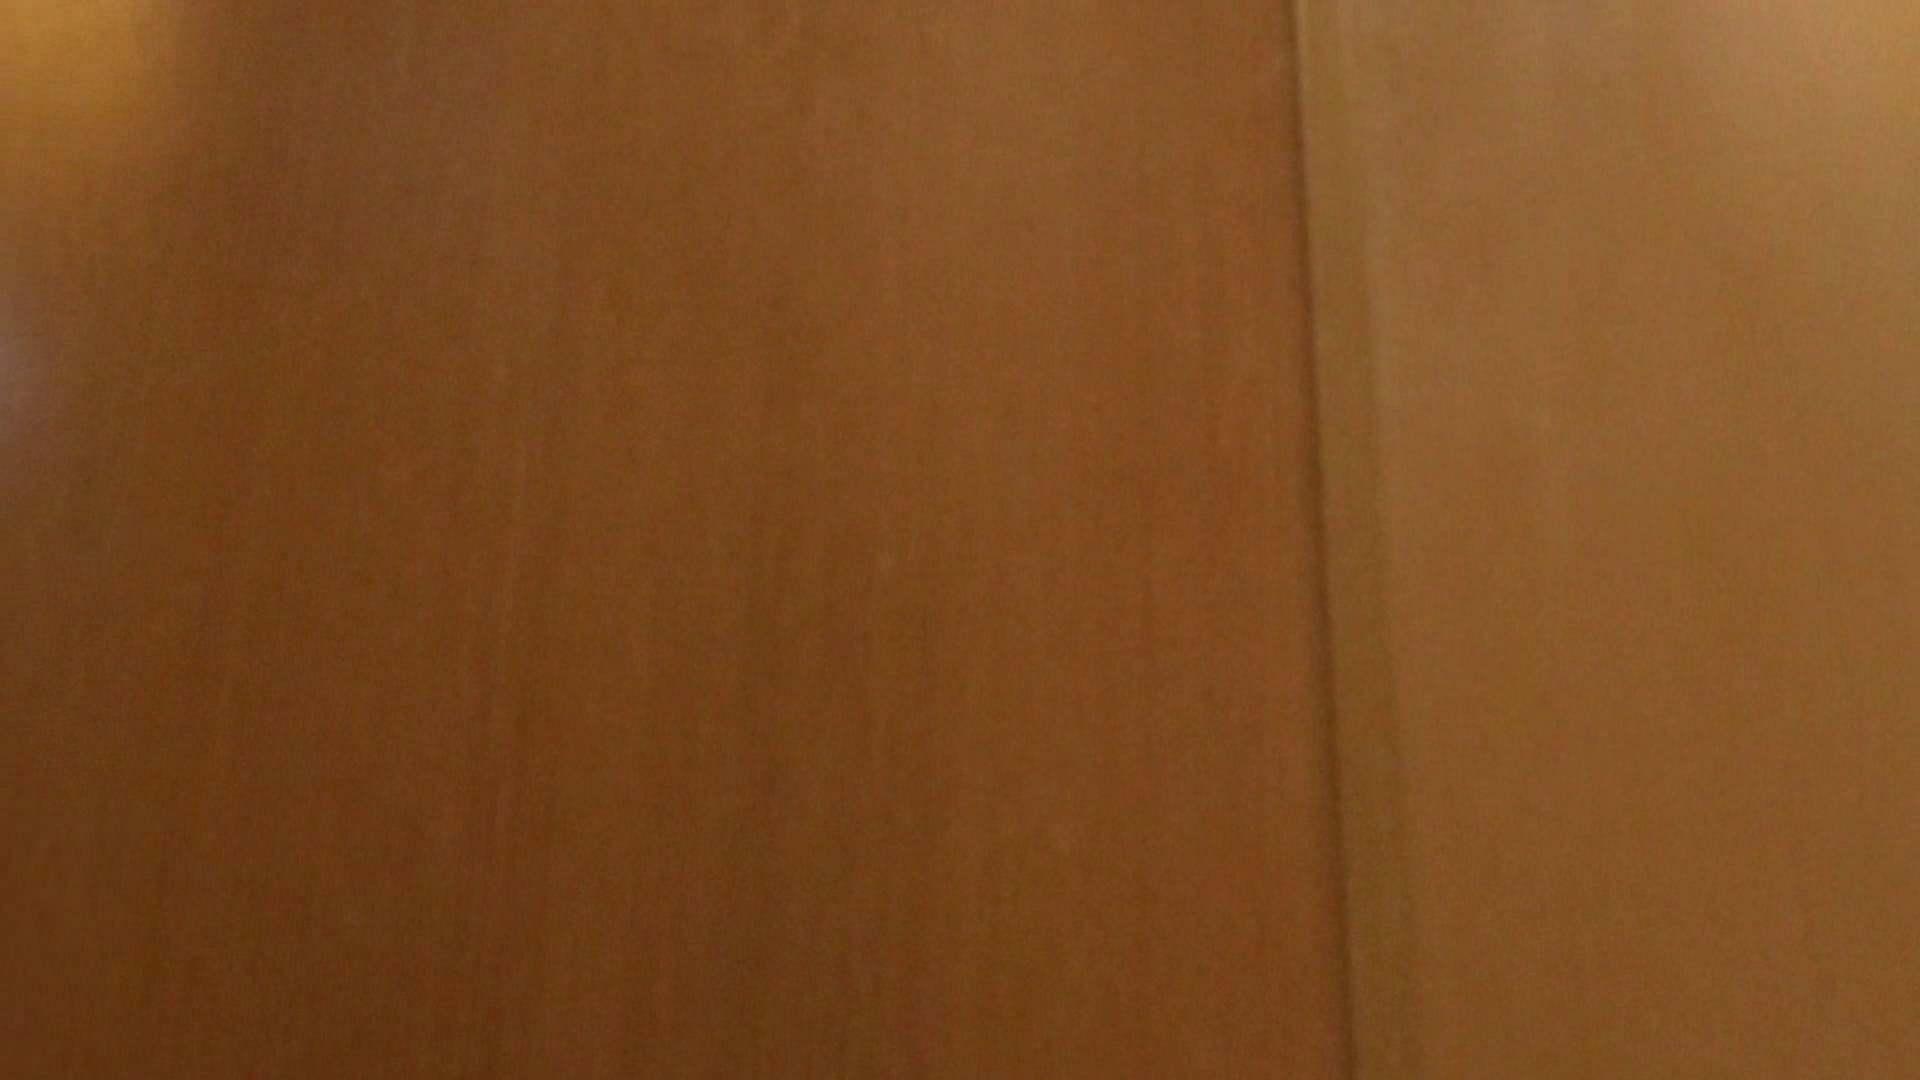 「噂」の国の厠観察日記2 Vol.02 綺麗なOLたち  96枚 93